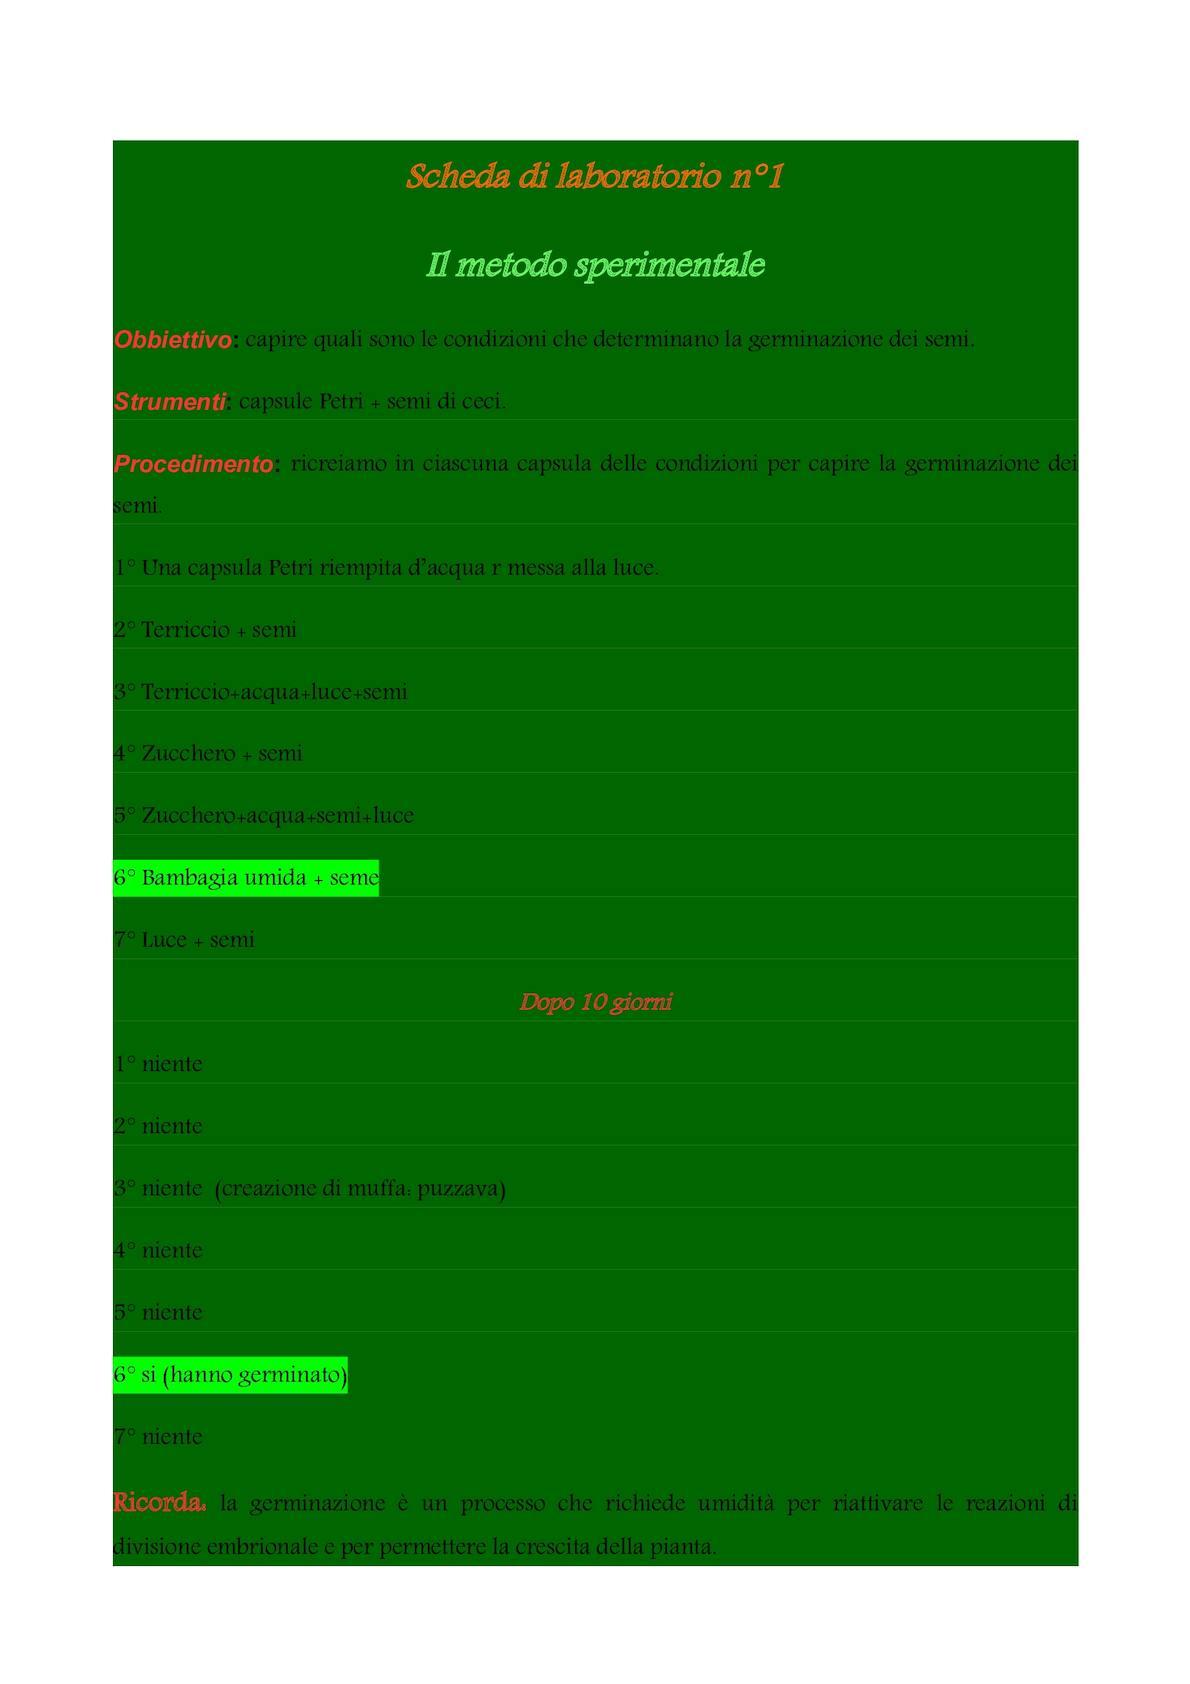 Piagnucolamenti verdi e lyambliya - Vermi e guance rosse